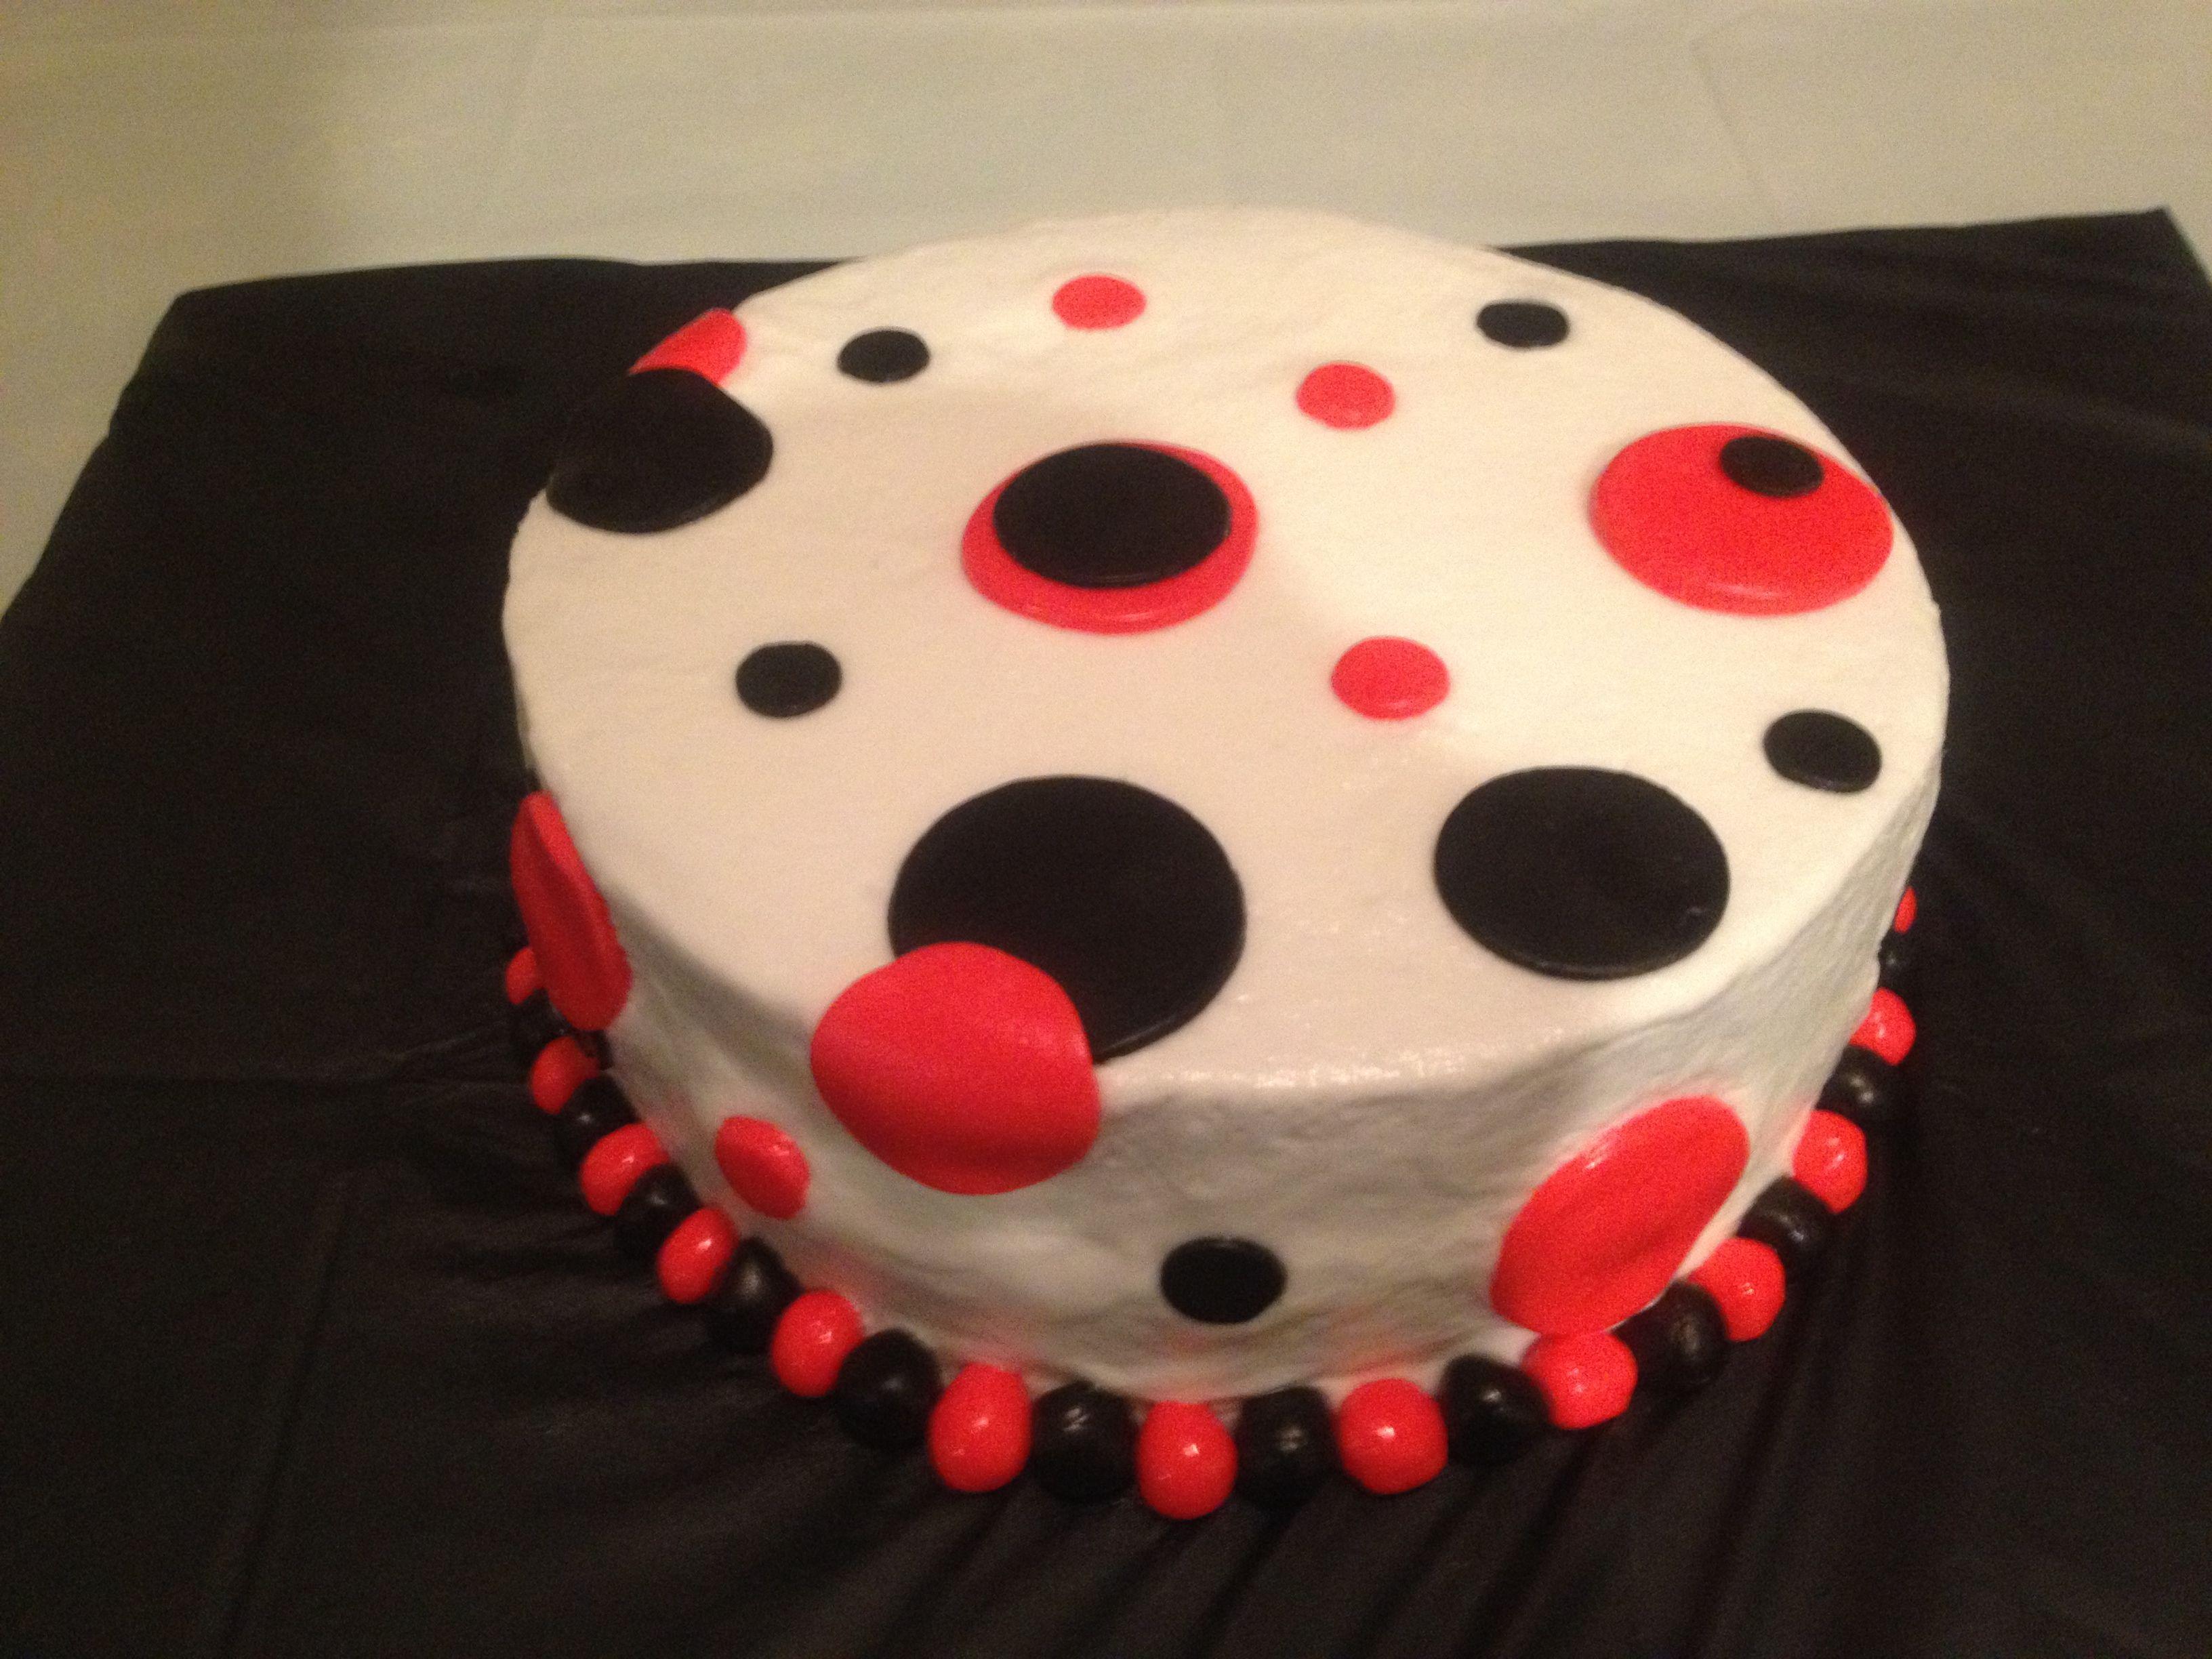 Easy Fondant Birthday Cake Easy Fondant Cake Pinterest - Easy fondant birthday cakes